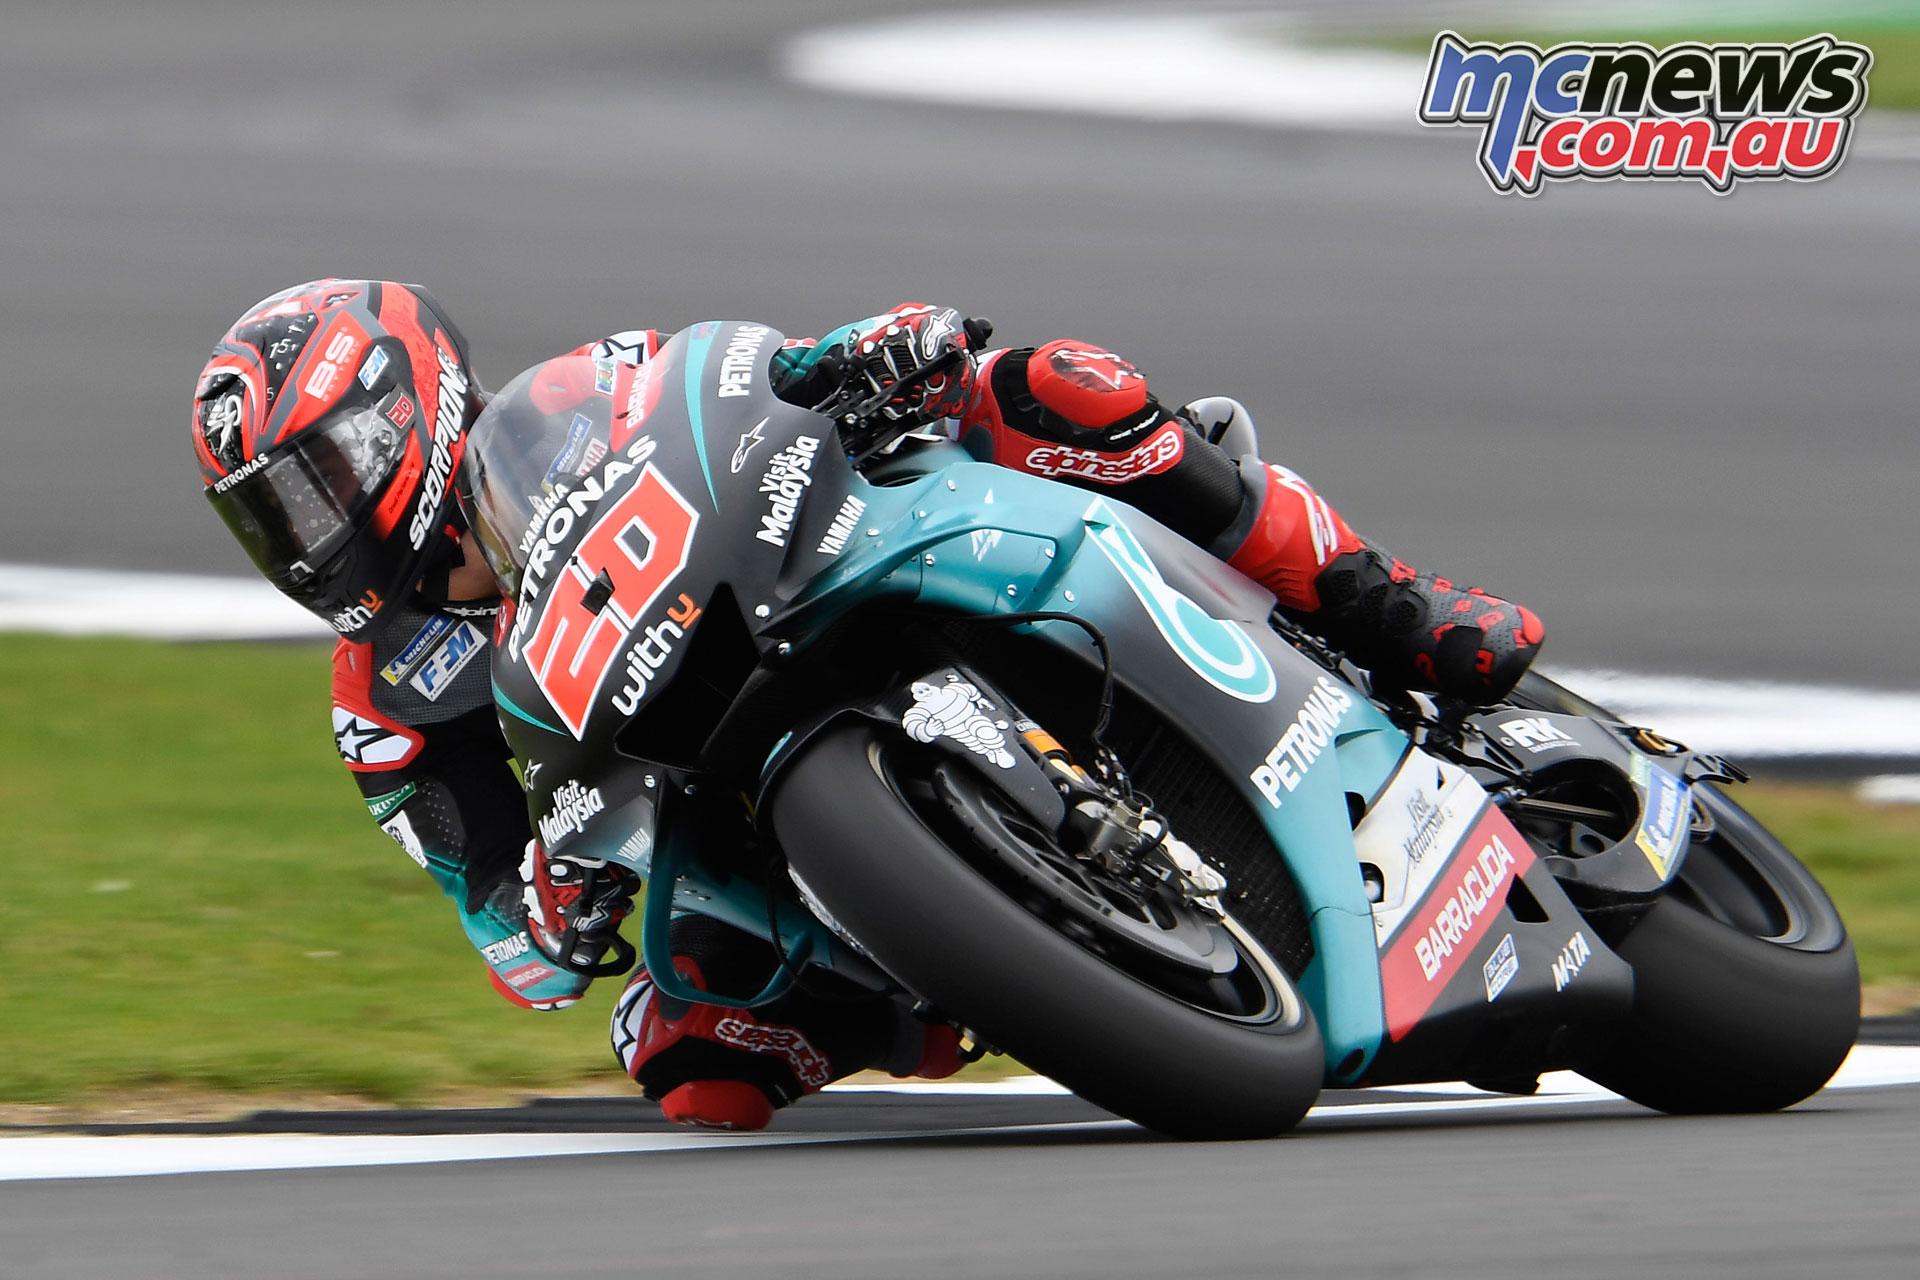 MotoGP Rnd Silverstone Fabio Quartararo